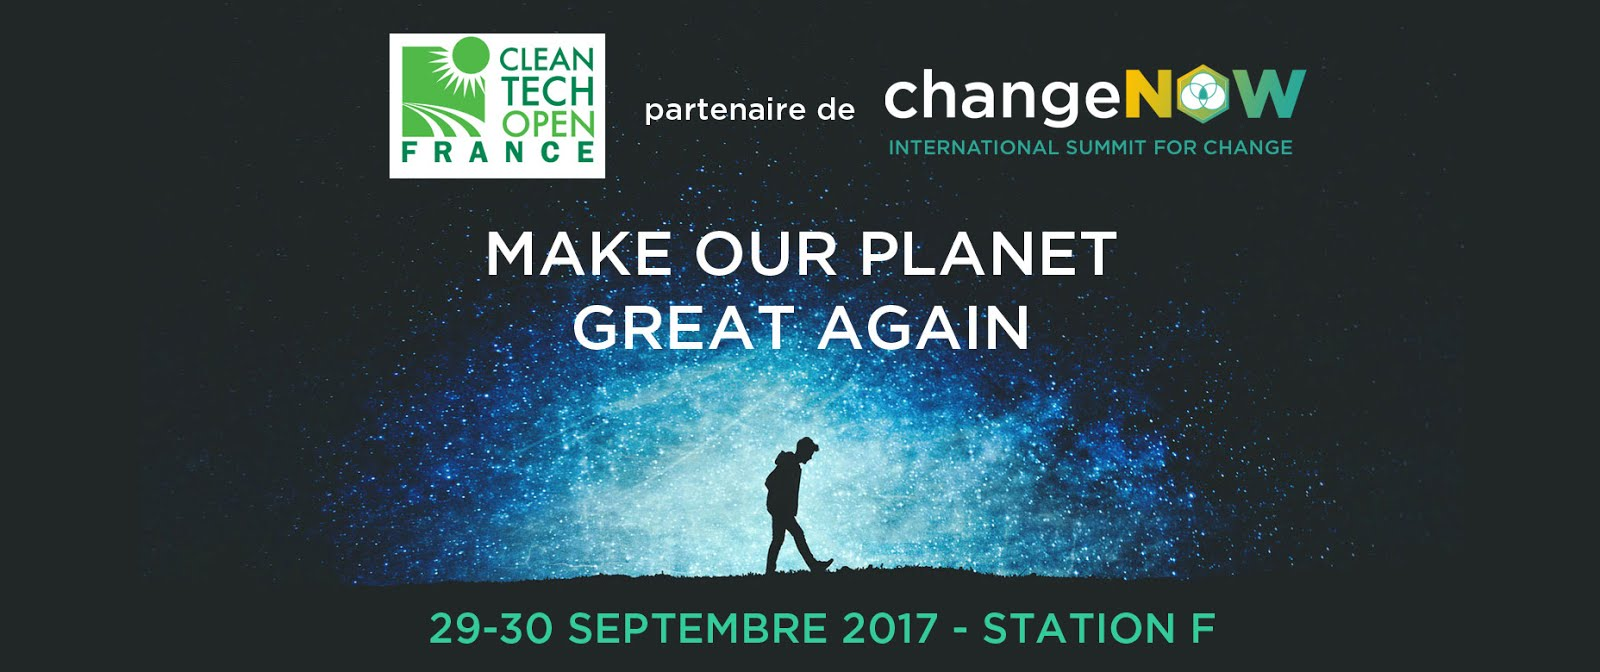 Rendez-vous les 29 et 30 septembre pour le Summit ChangeNow